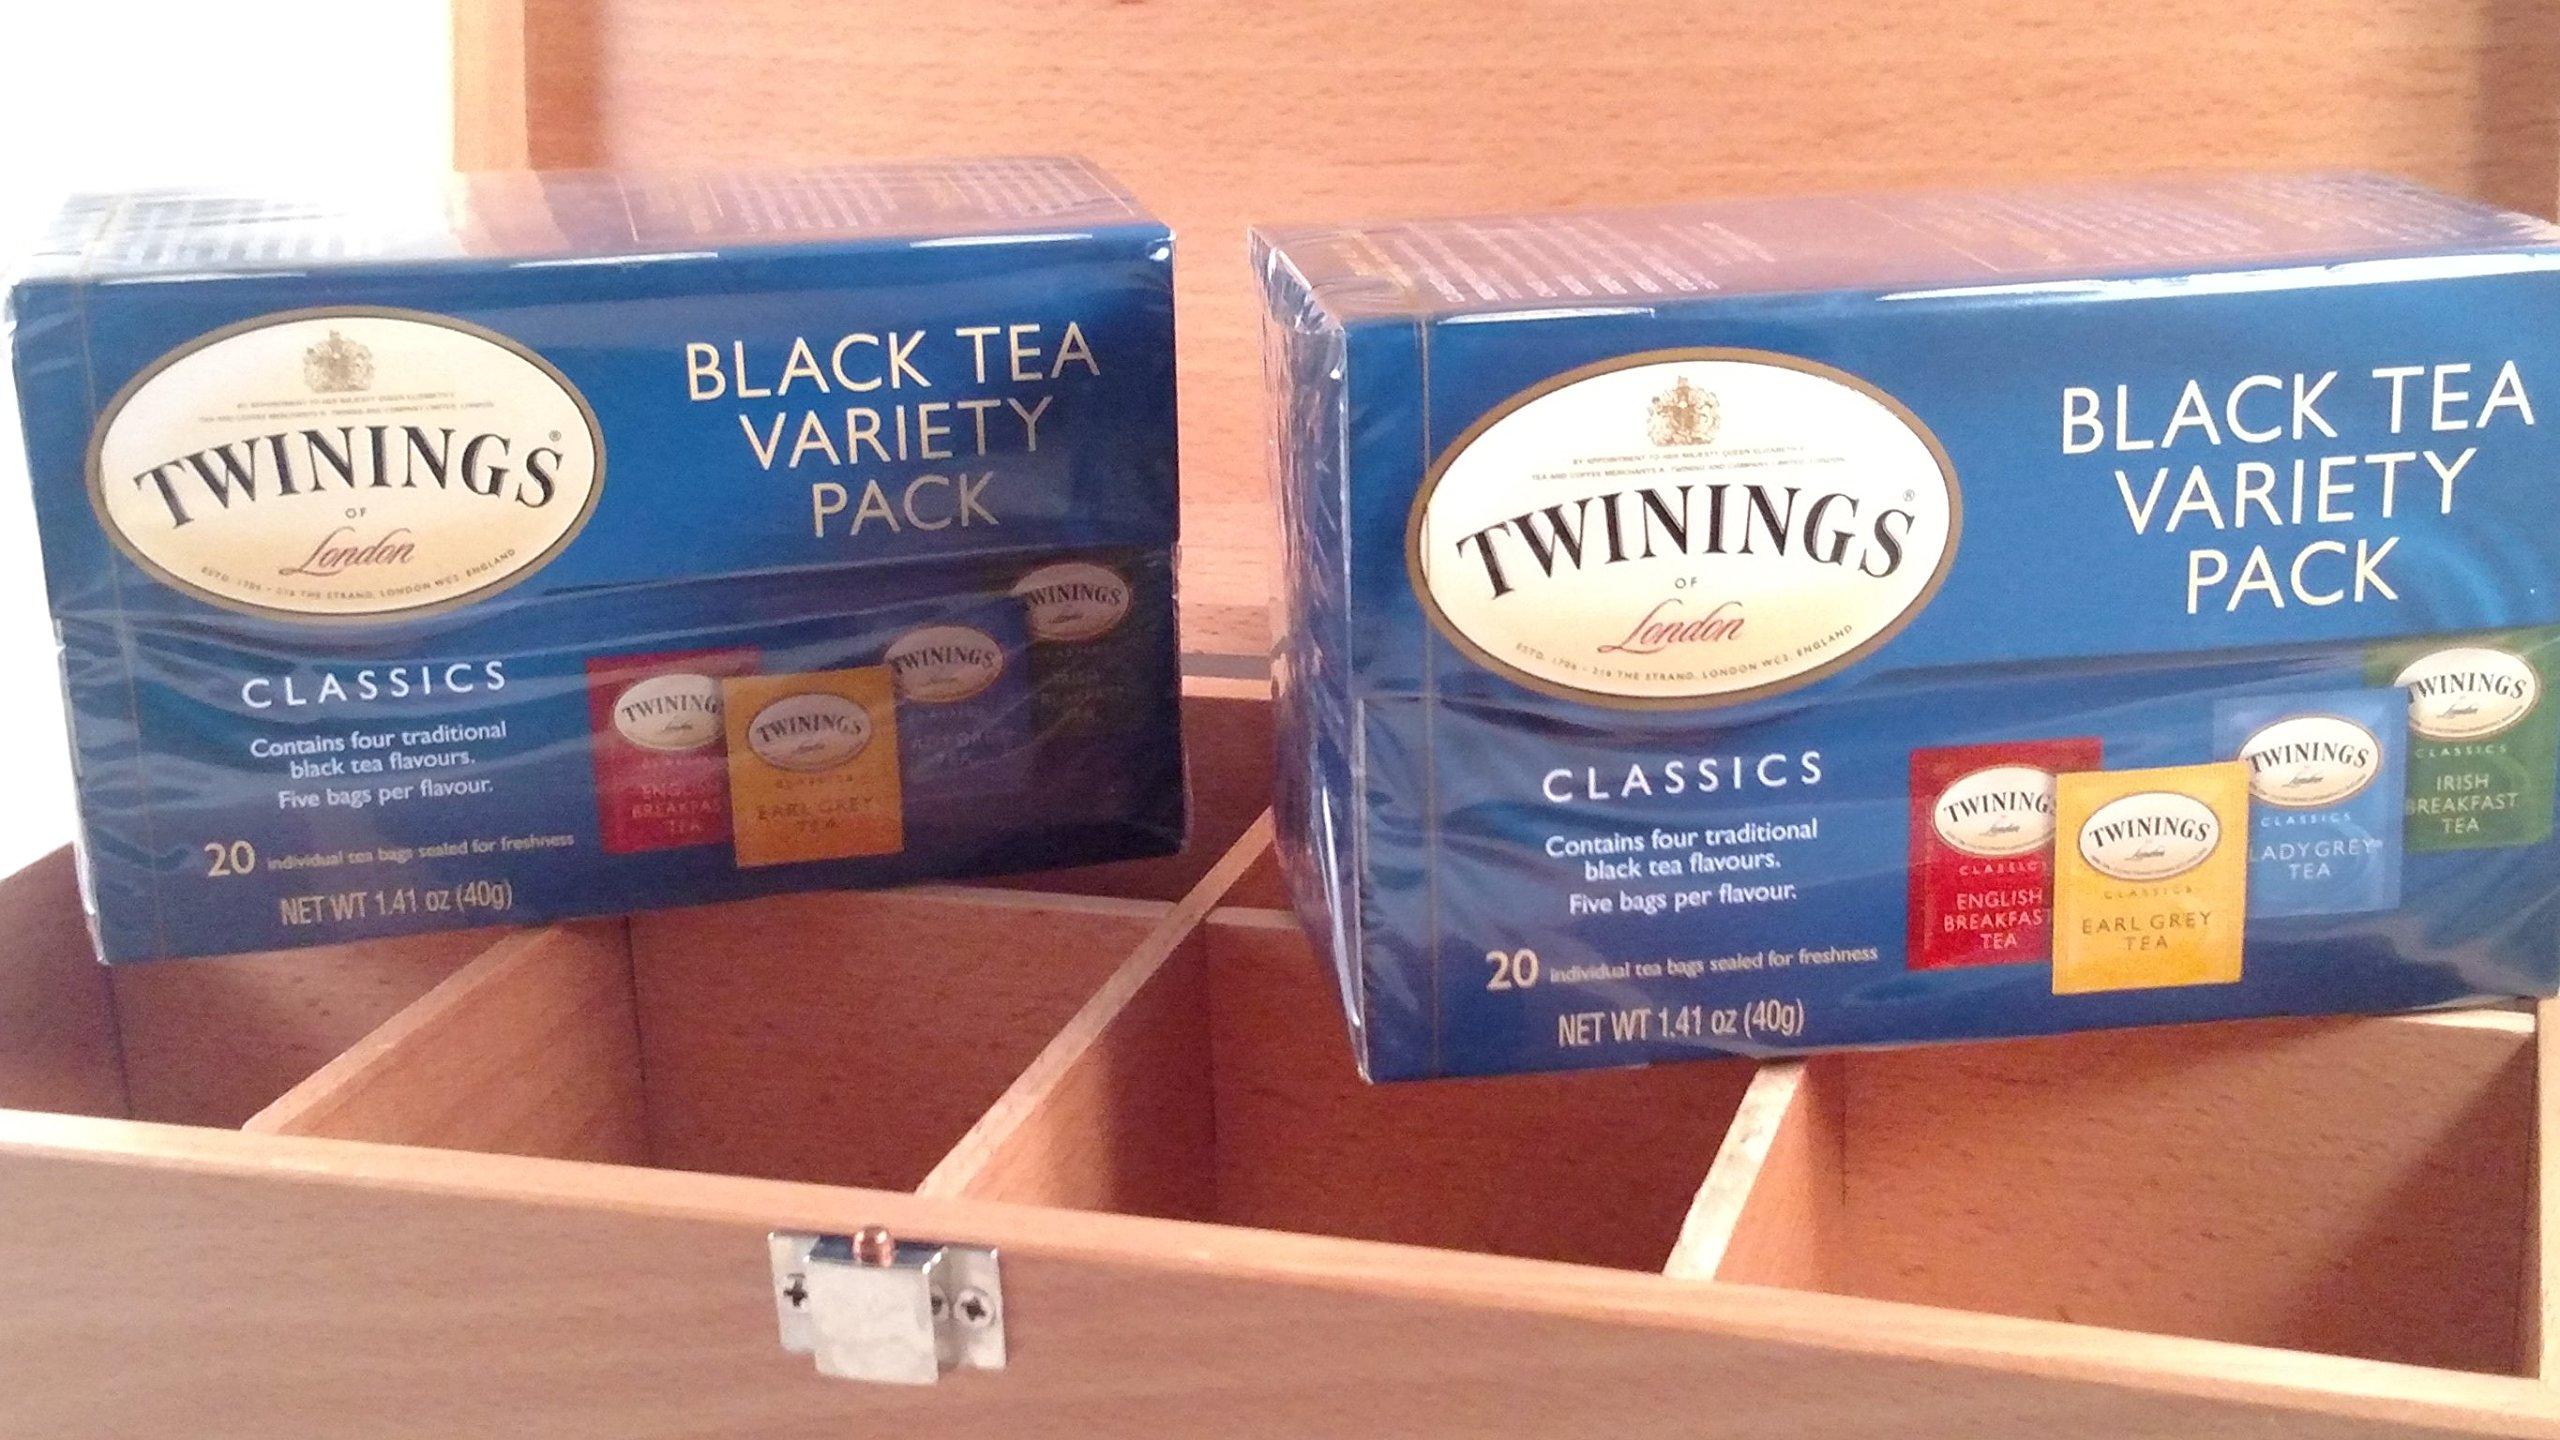 Keepsake Tea Storage Chest with Twinnings Black Tea Variety Pack (40 bags)